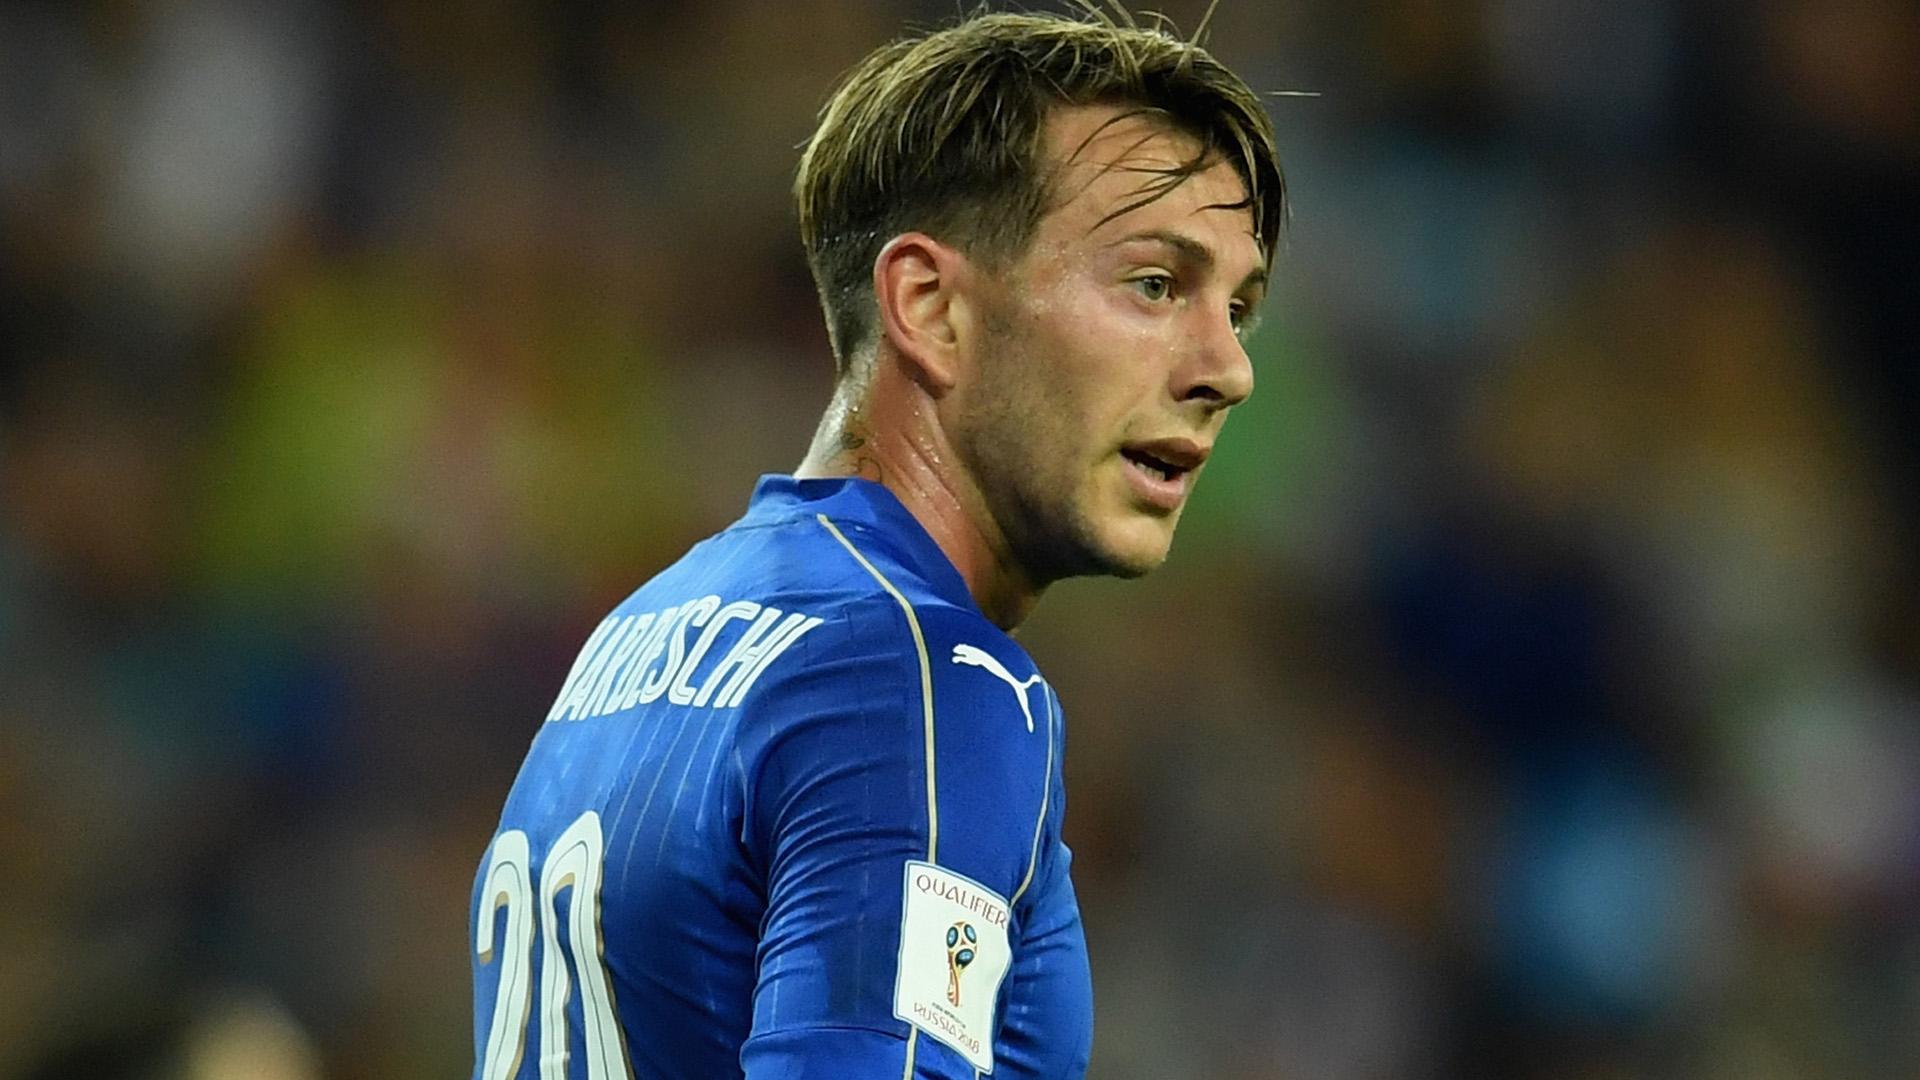 CorSport - Mercato, Bernardeschi come Dybala? La Juventus è disposta a offrire…